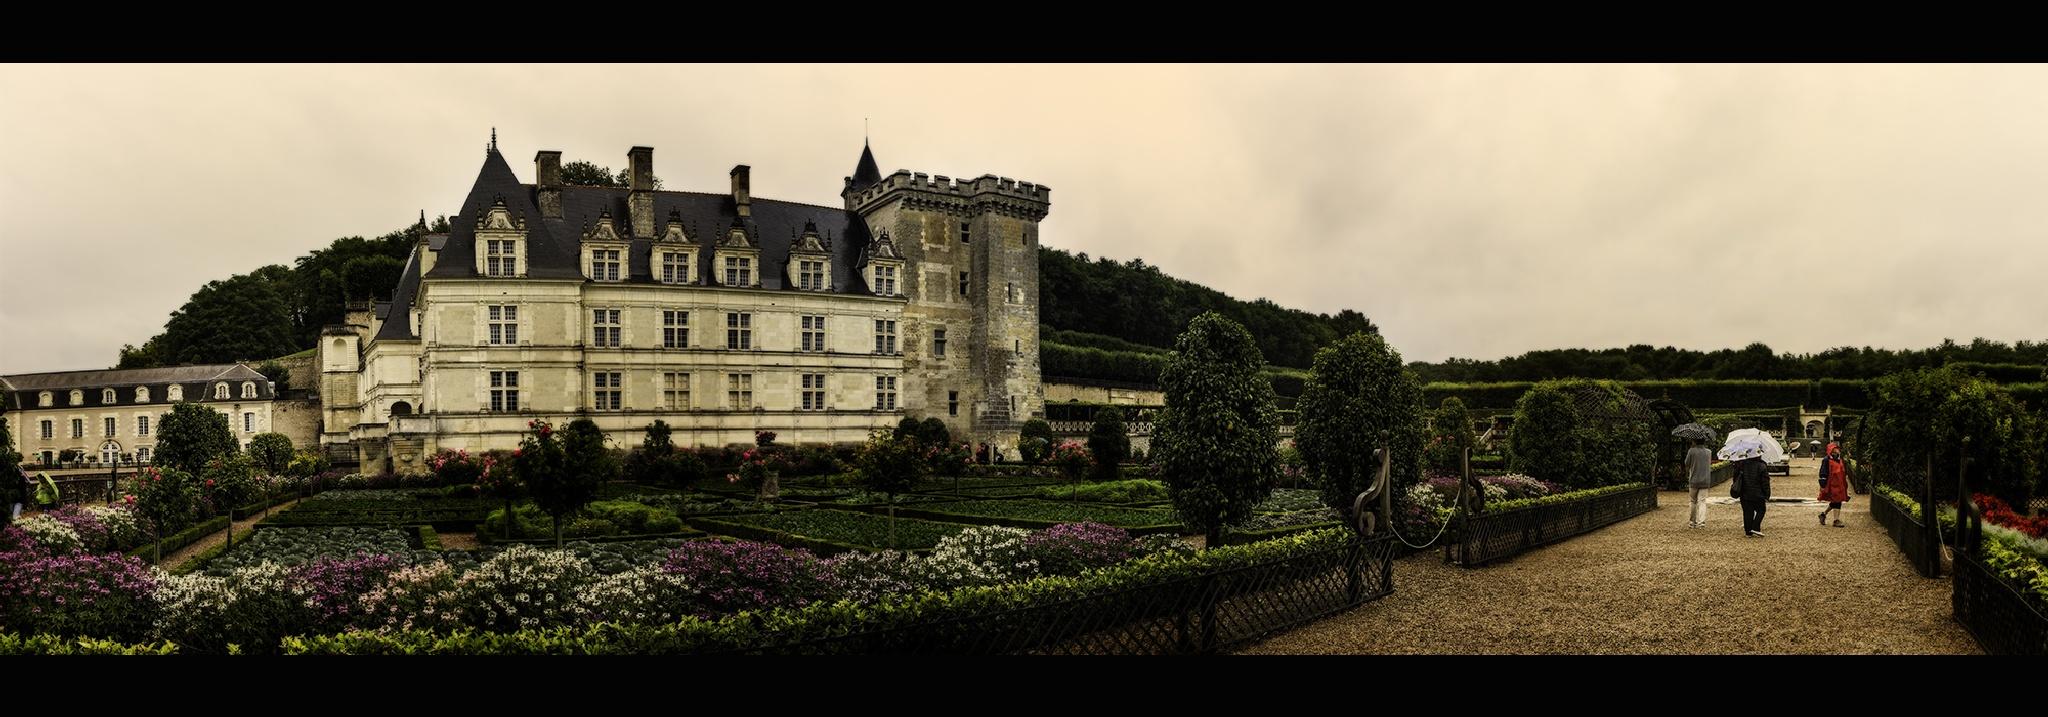 Château de Willandry by bolino